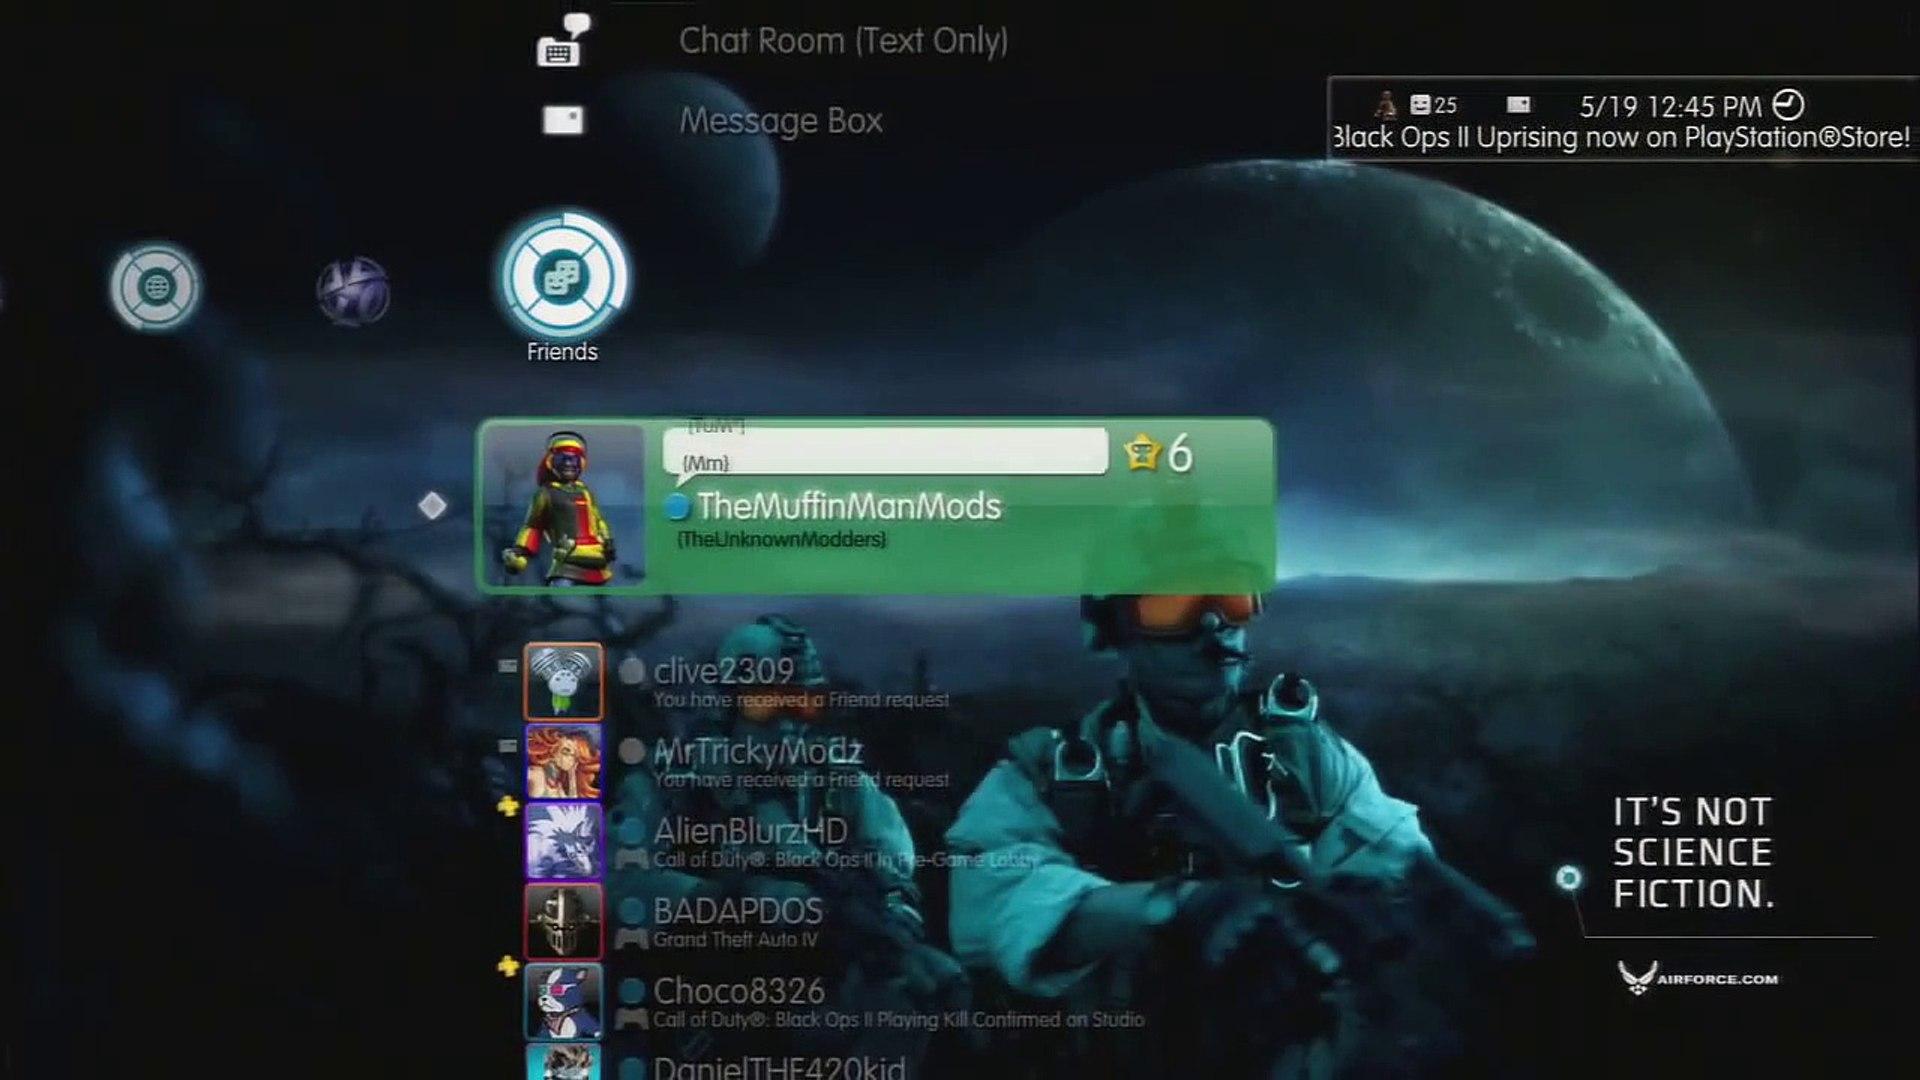 [PS3] Online/Offline Blackops Usb Zombie Mods 1 13 {No Jailbreak} [LINK]